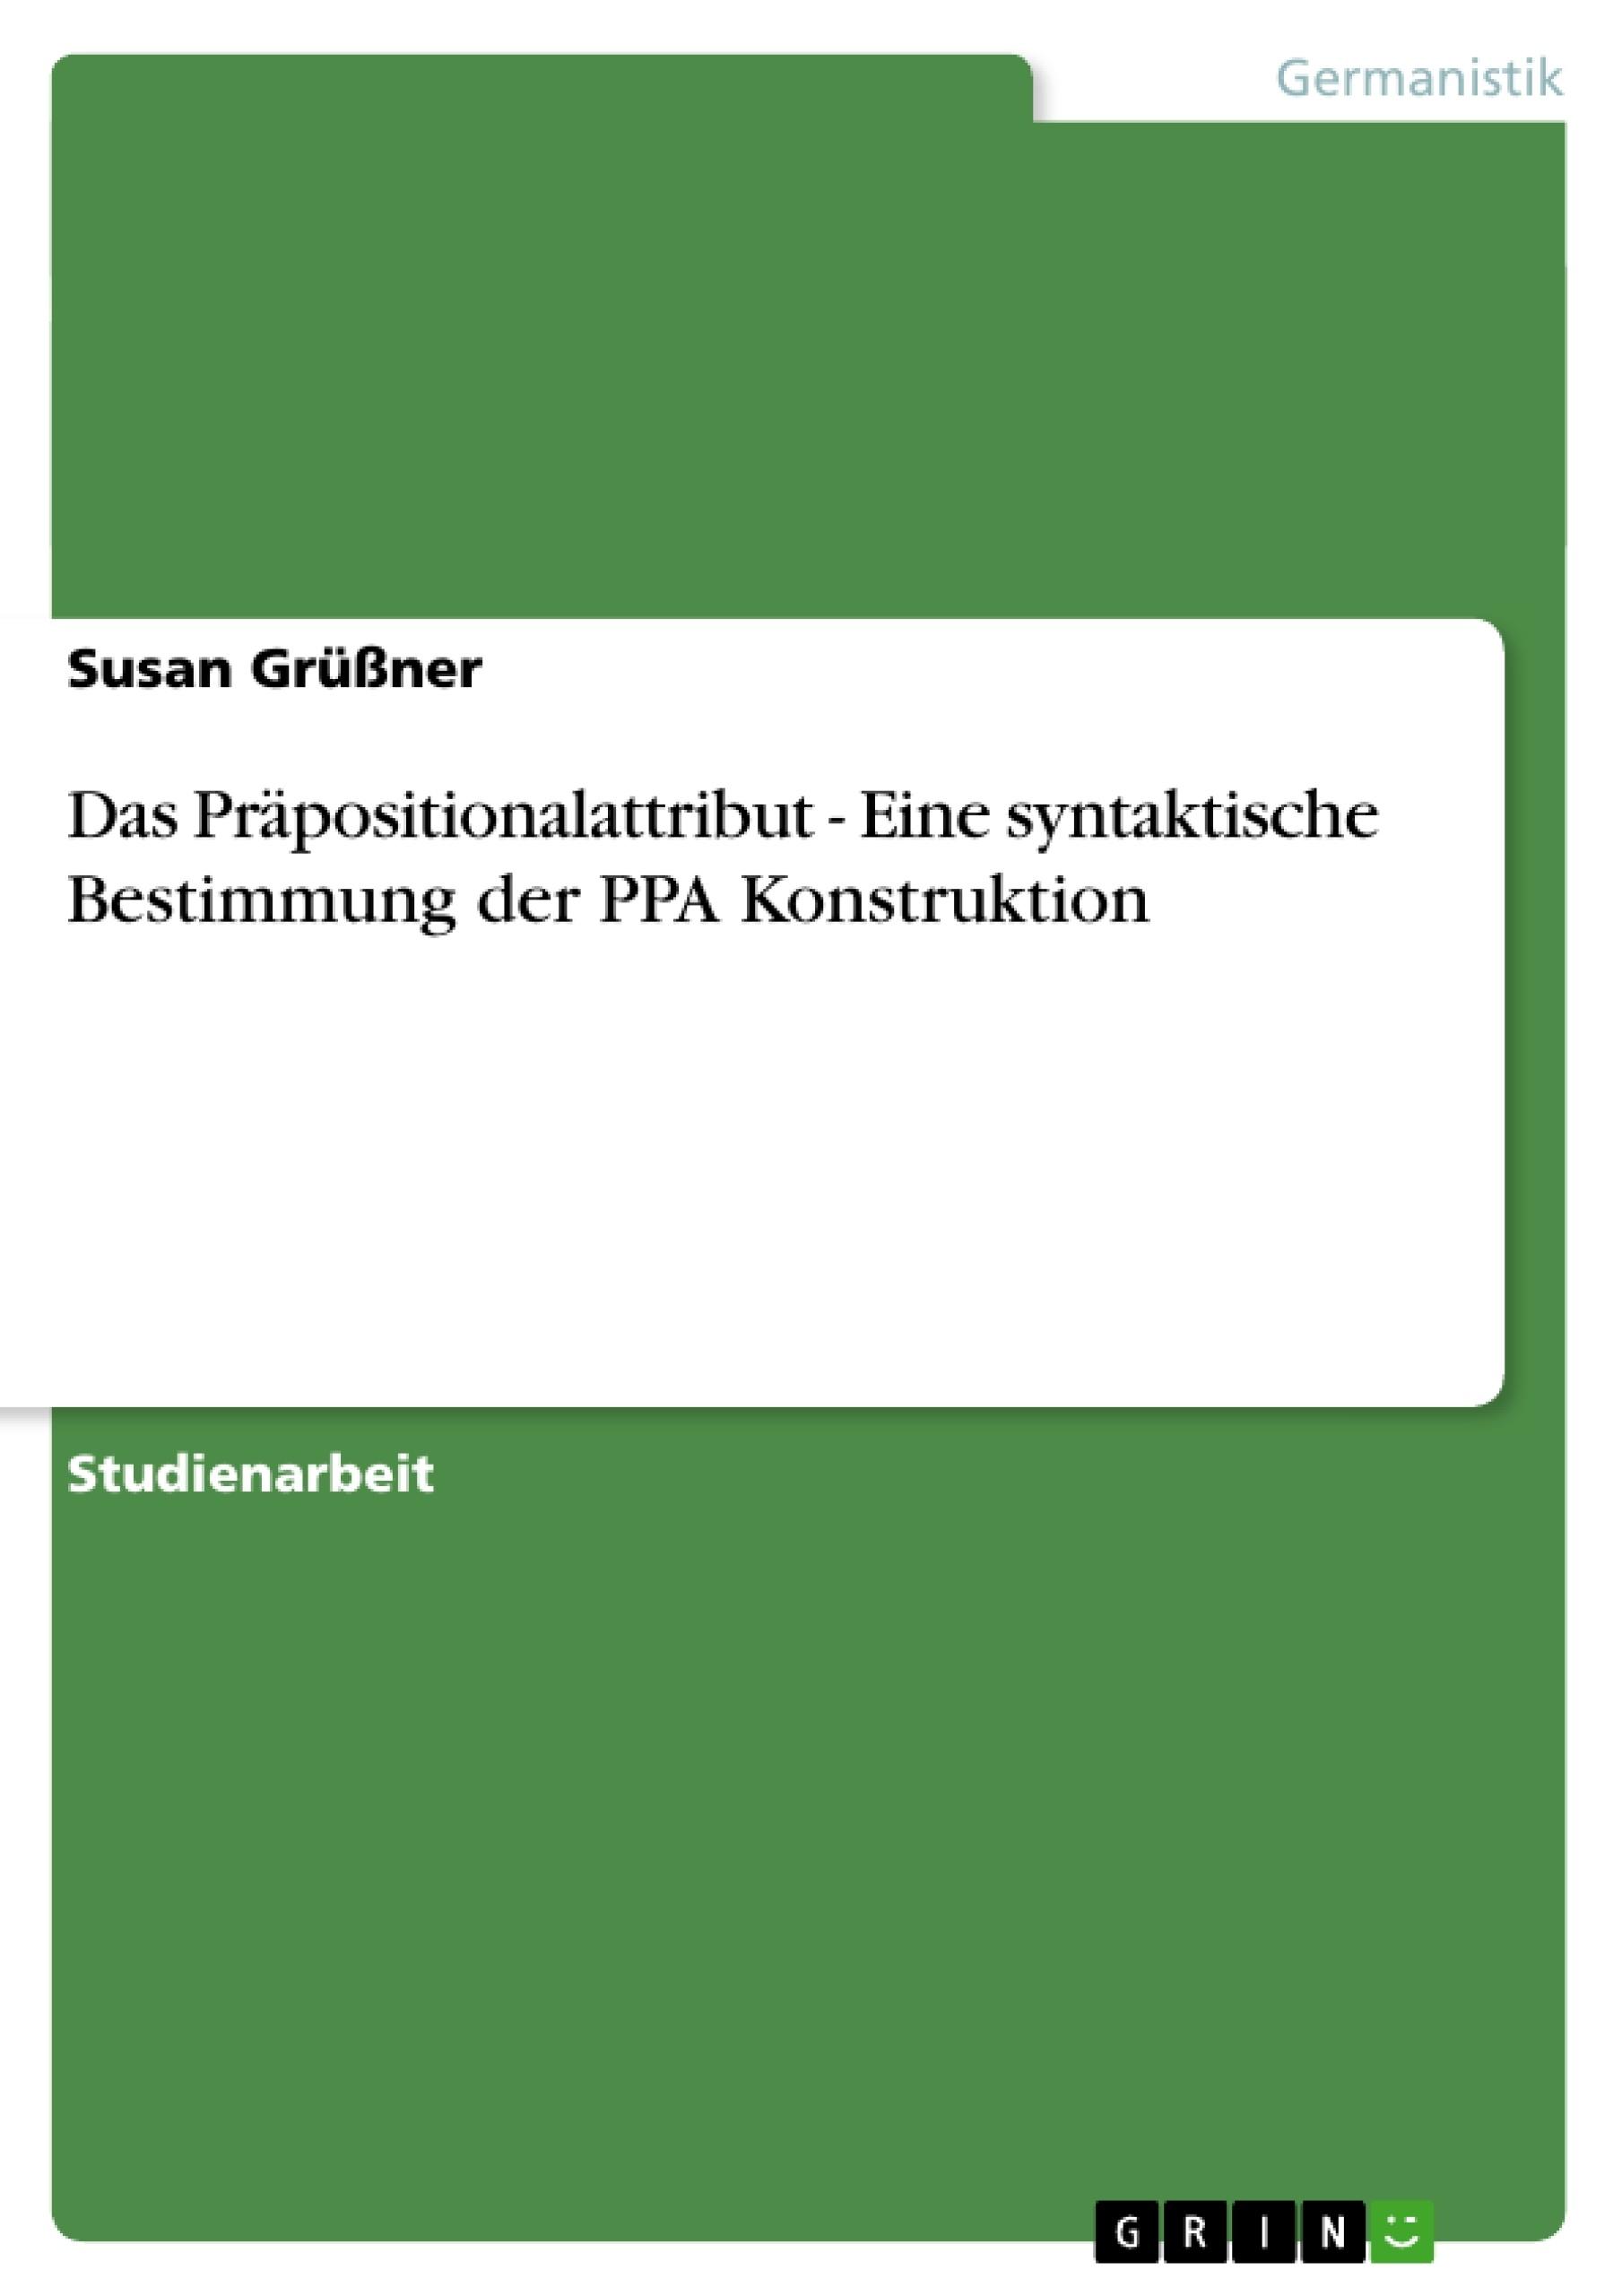 Titel: Das Präpositionalattribut - Eine syntaktische Bestimmung der PPA Konstruktion